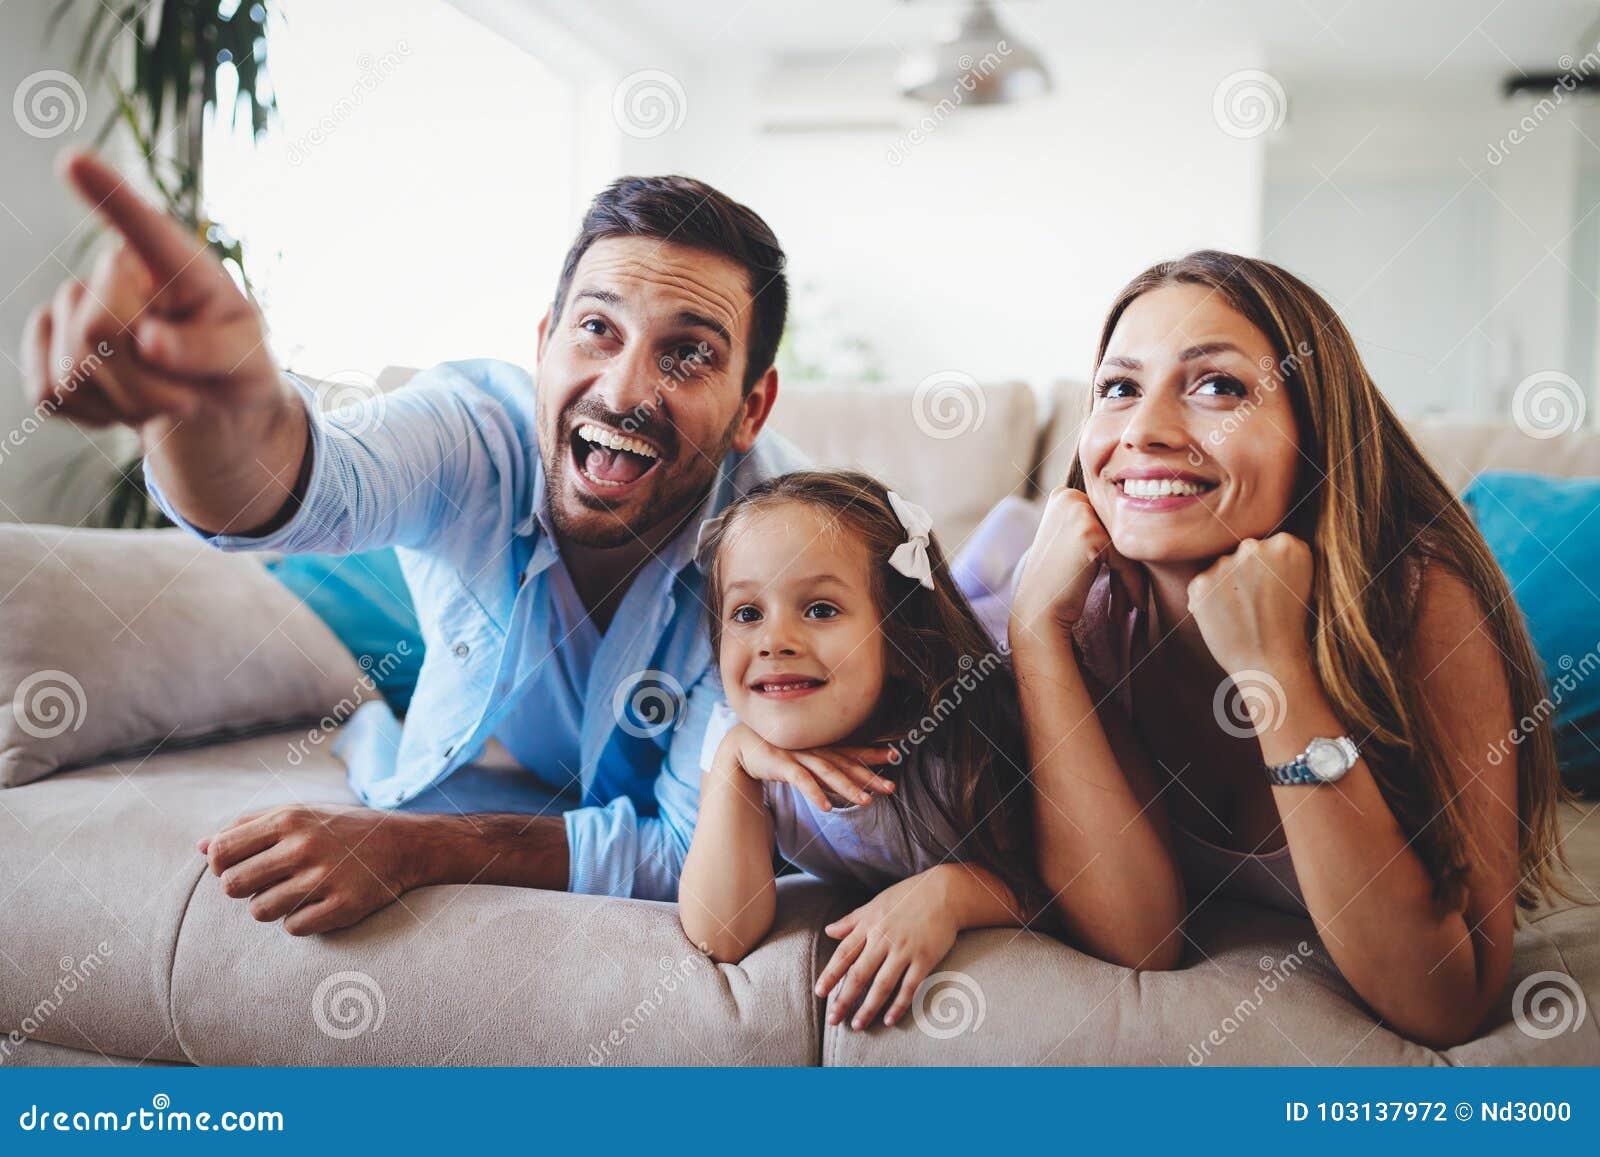 Ευτυχής τηλεόραση οικογενειακής προσοχής στο σπίτι τους